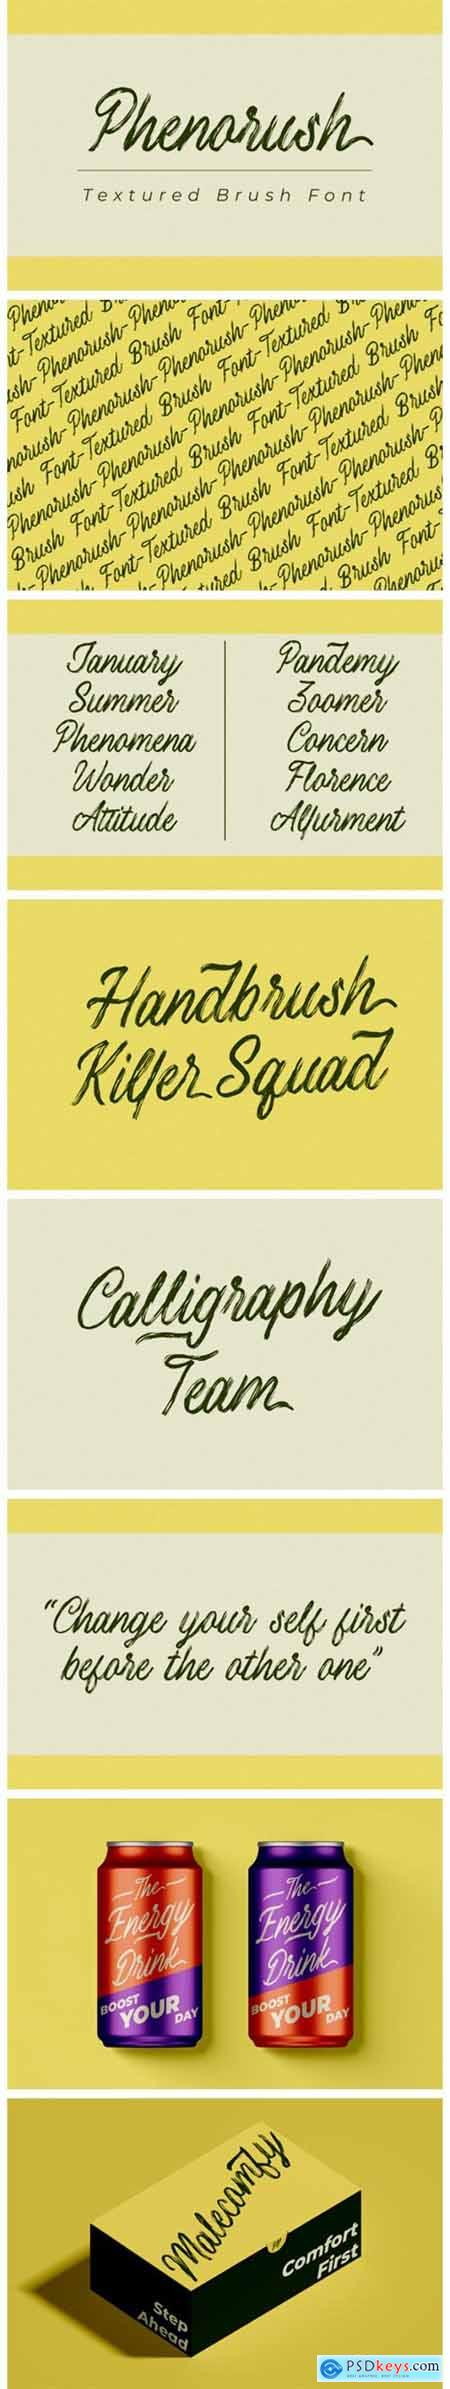 Phenorush Font